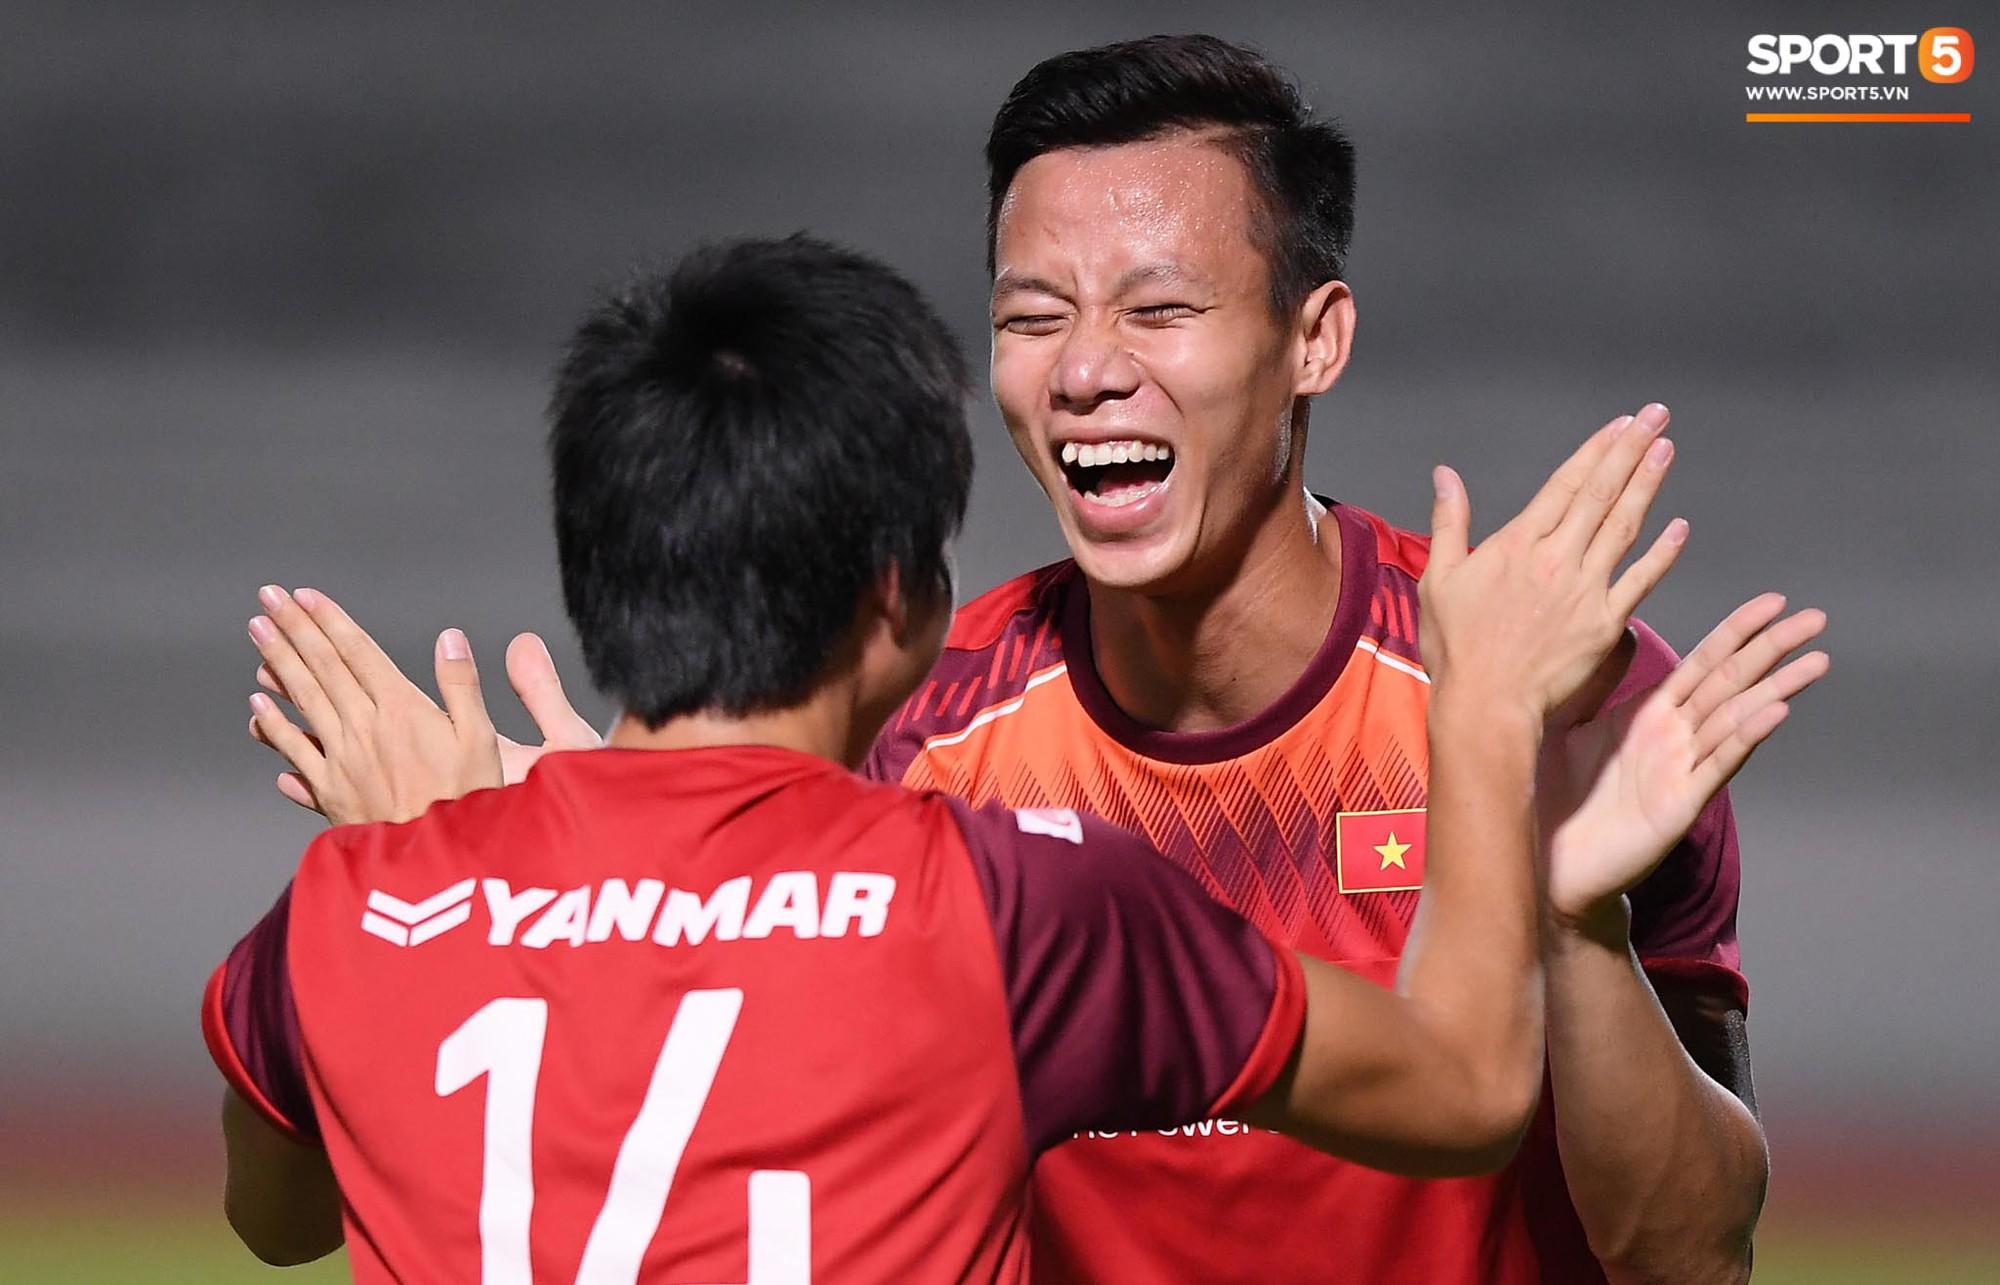 Xuân Trường táng Đức Huy không trượt phát nào trong buổi tập trước trận gặp Thái Lan - Ảnh 5.